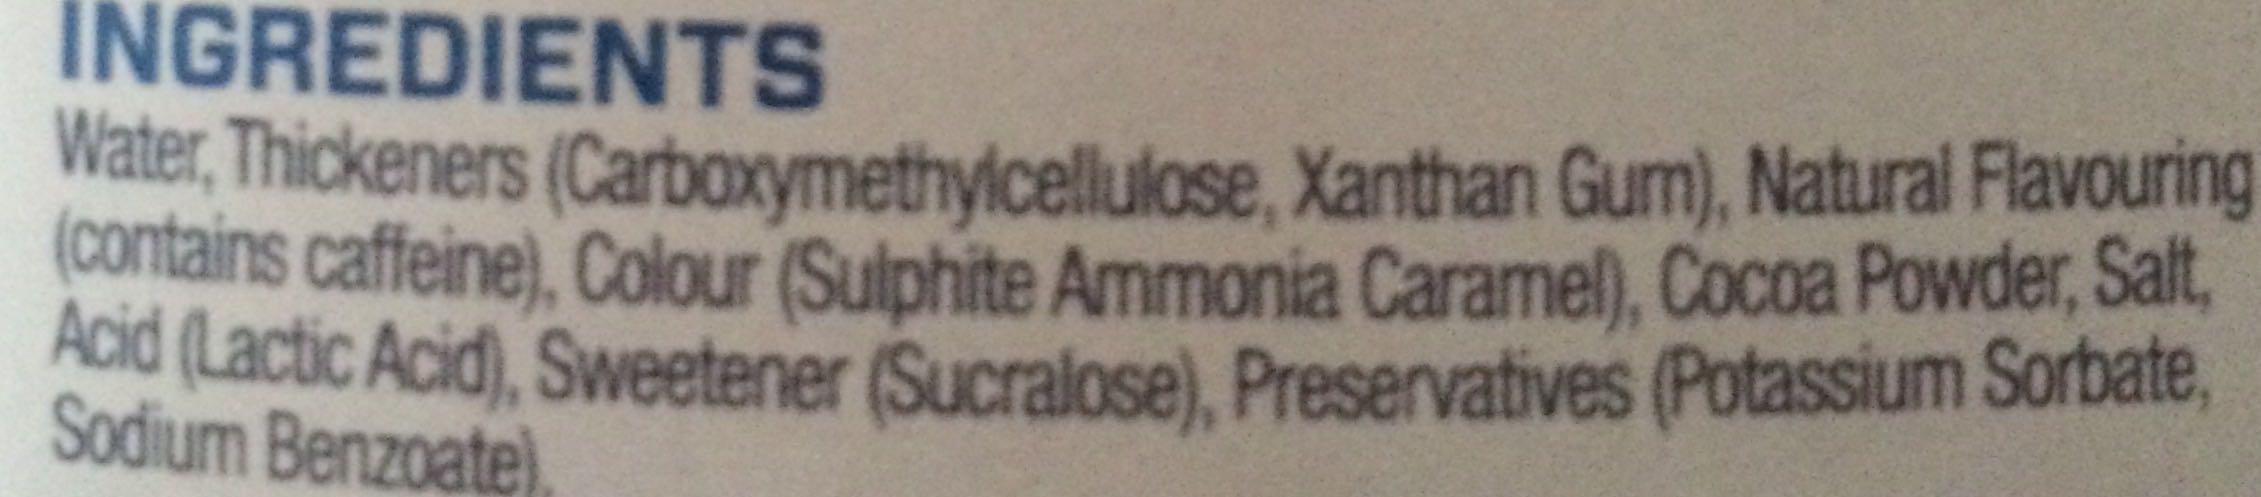 My Syrup saveur Chocolat - Ingredients - en